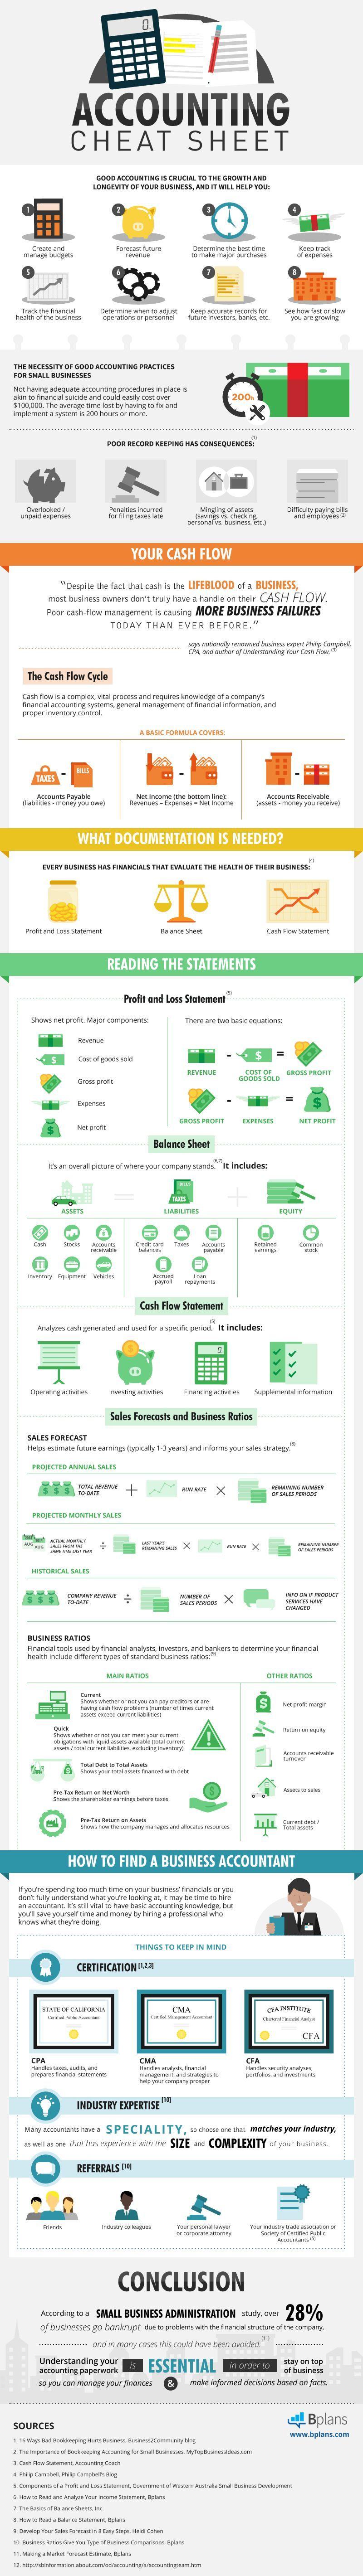 Financial Accounting Basics Cheat Sheet  Accounting Cheat Sheets